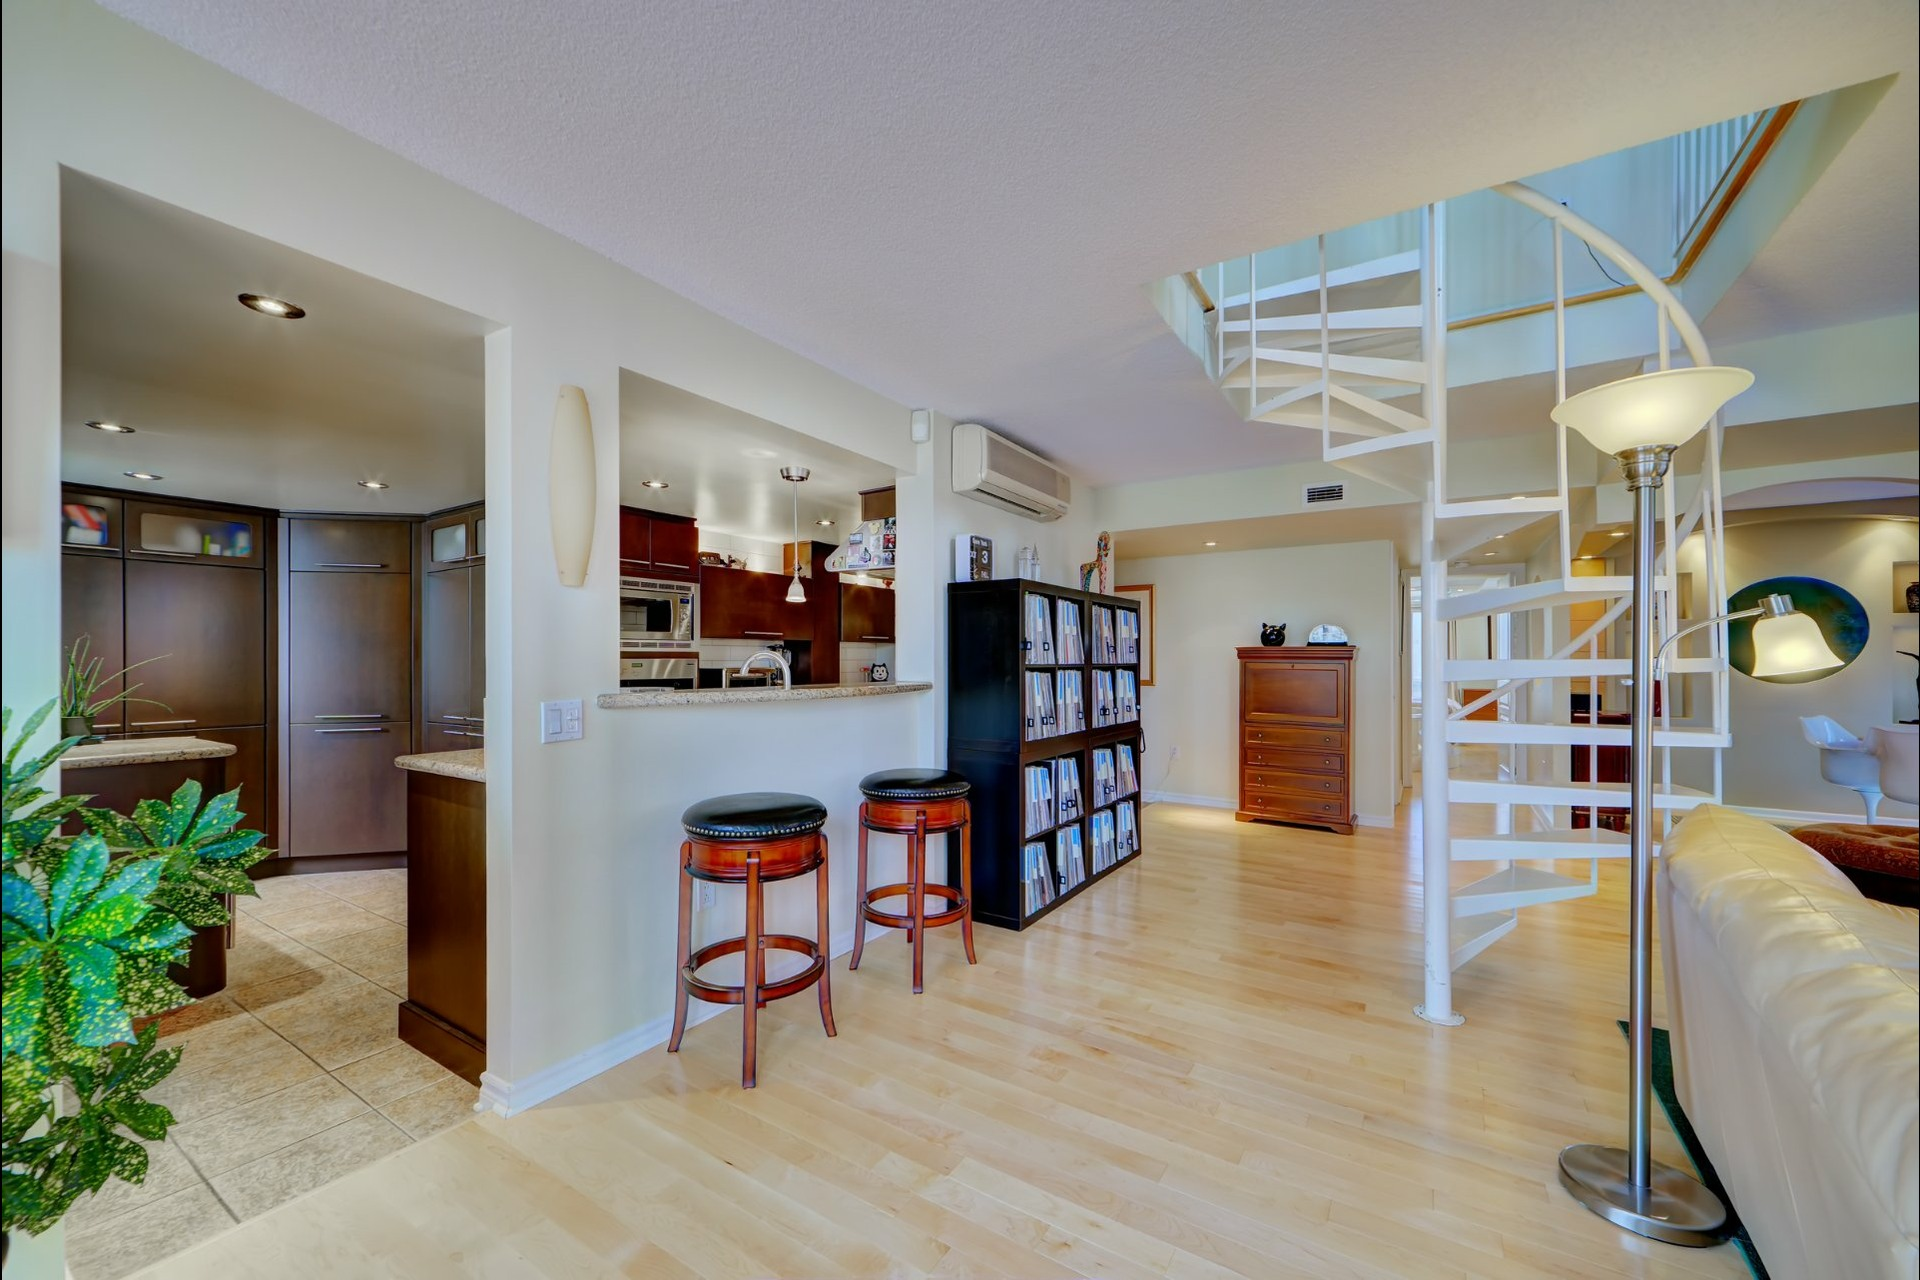 image 5 - Appartement À vendre Montréal Ville-Marie  - 5 pièces